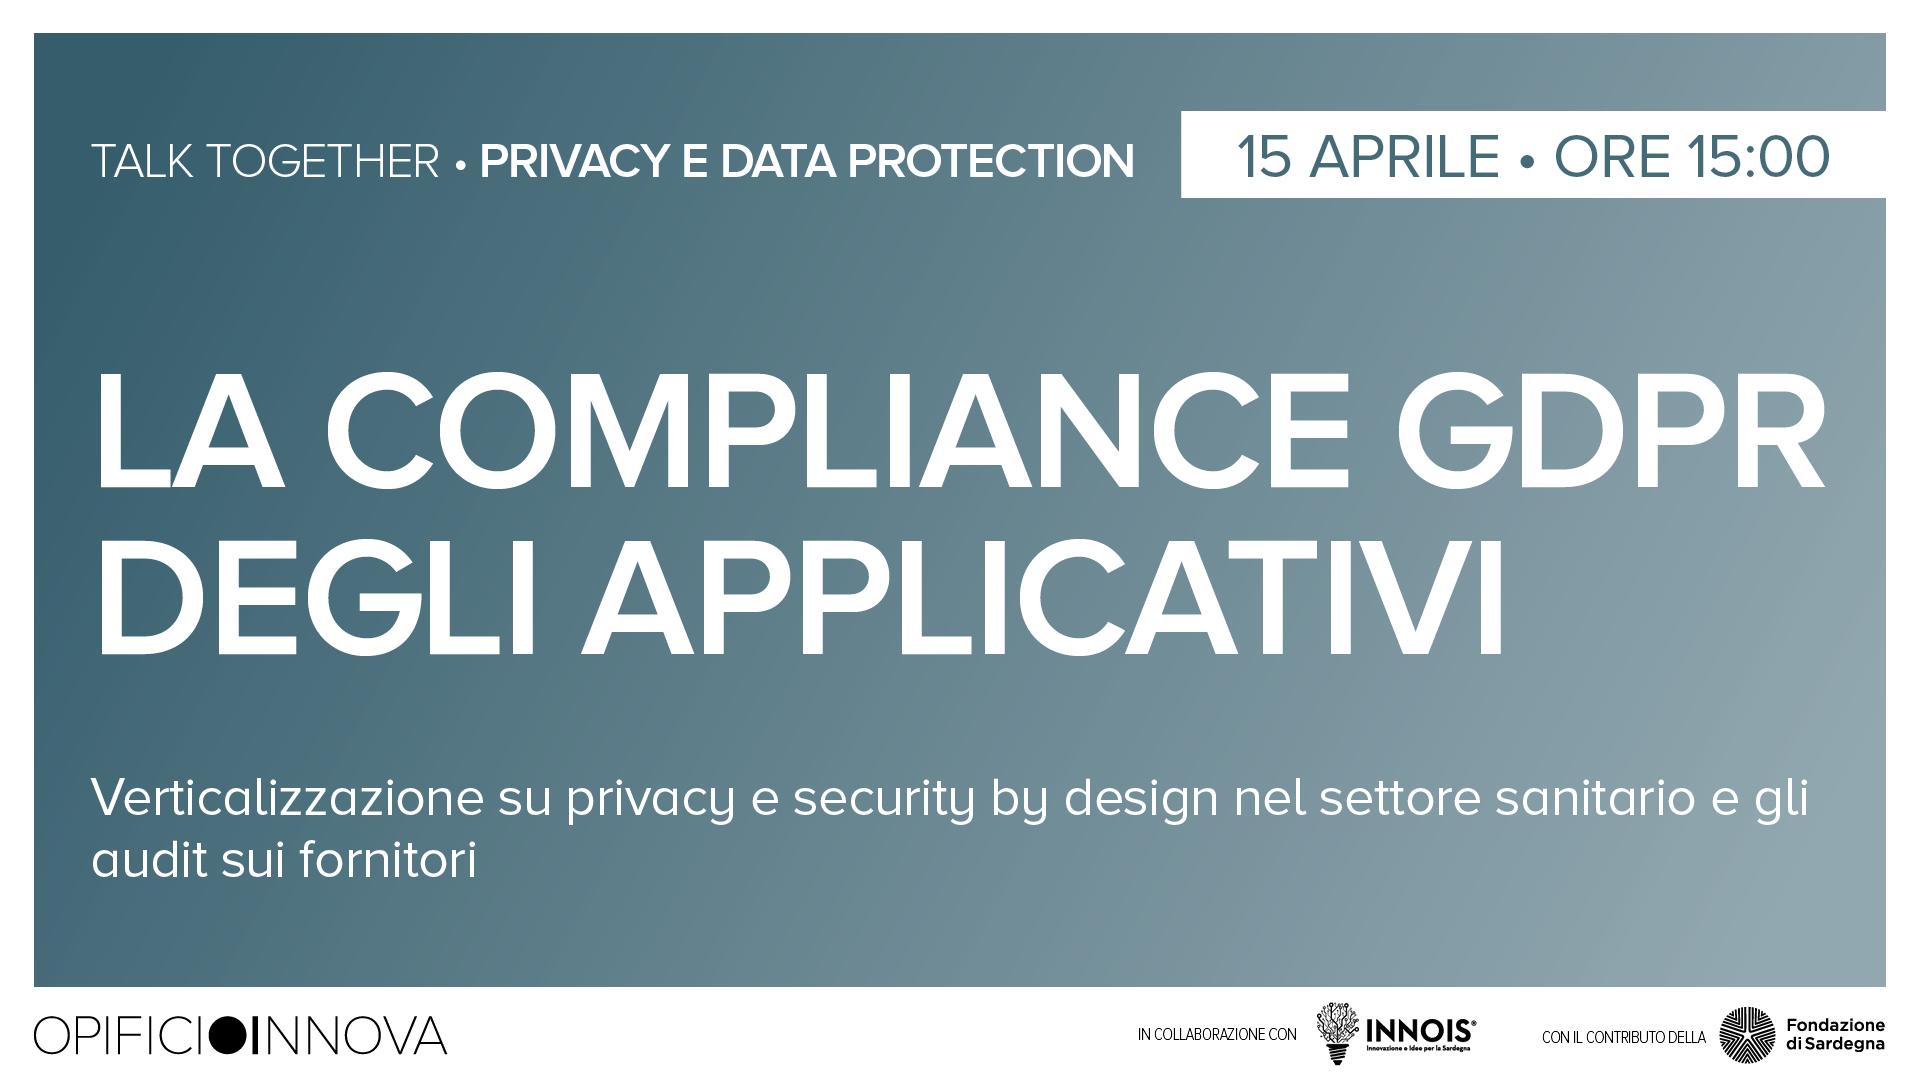 La compliance GDPR degli applicativi </br>15-04-2021 ore 15:00